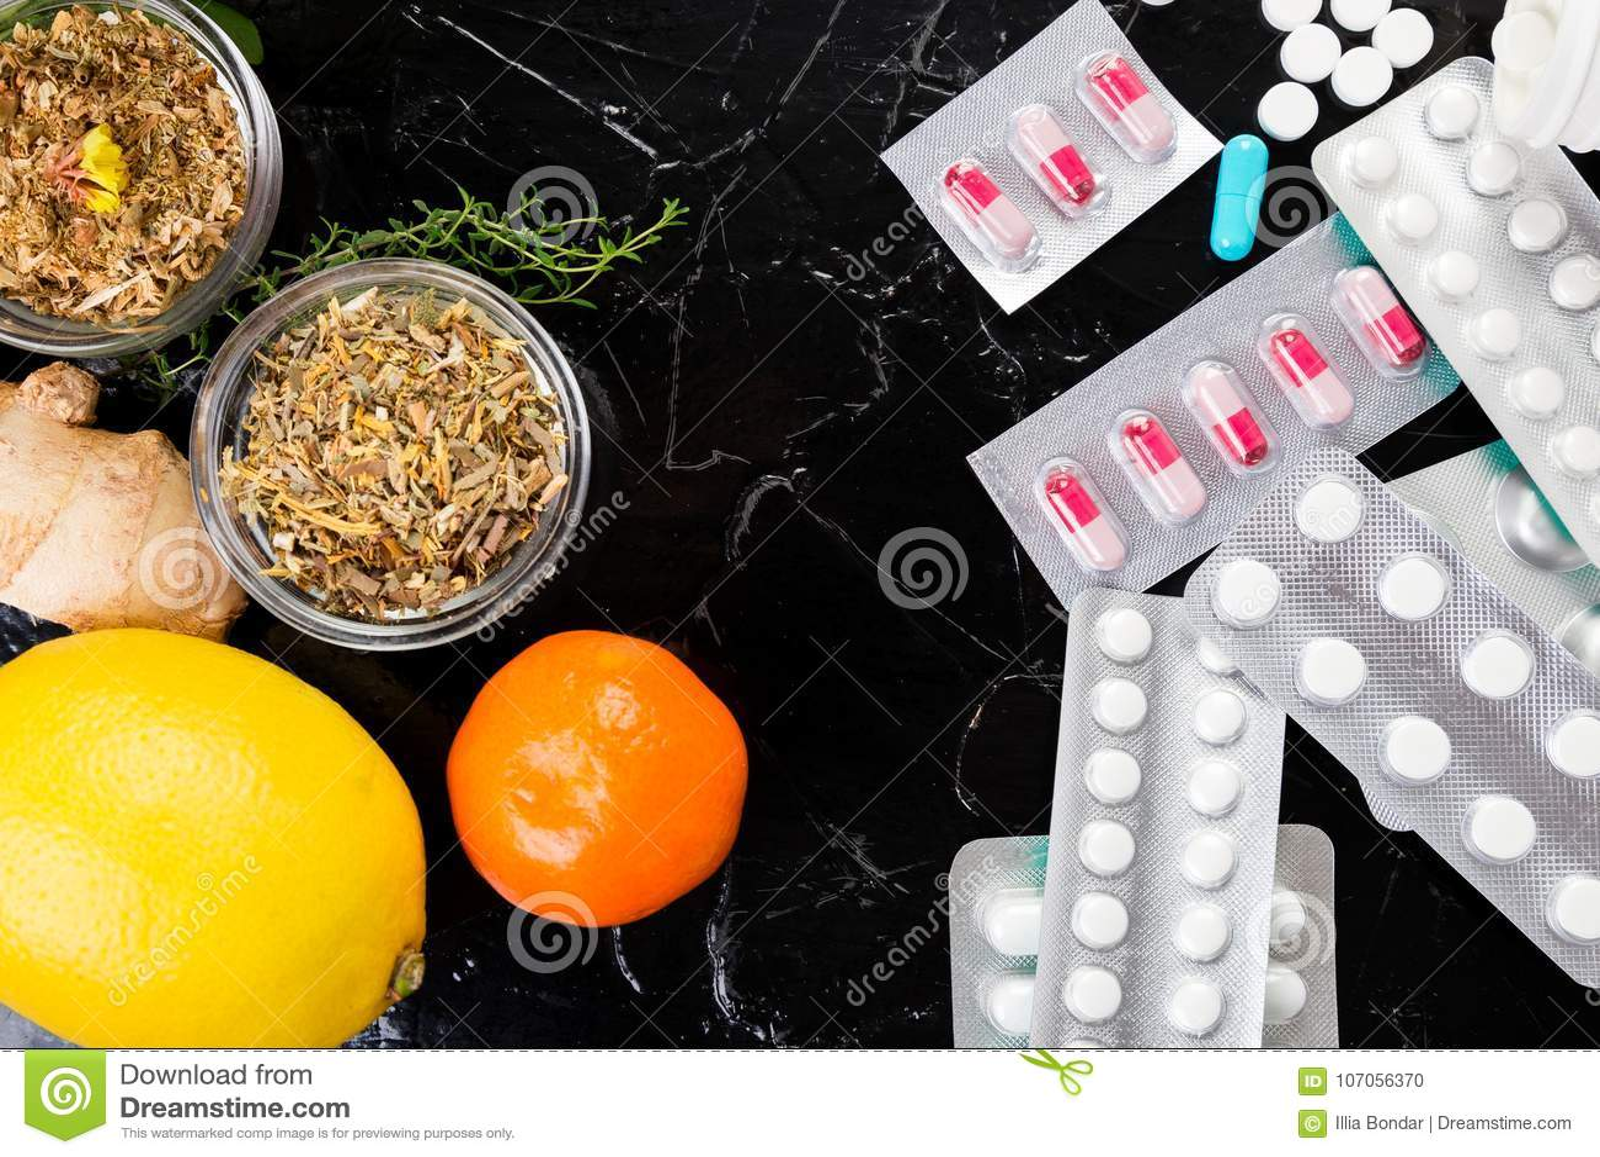 Medicina natural contra concepto convencional de la medicina